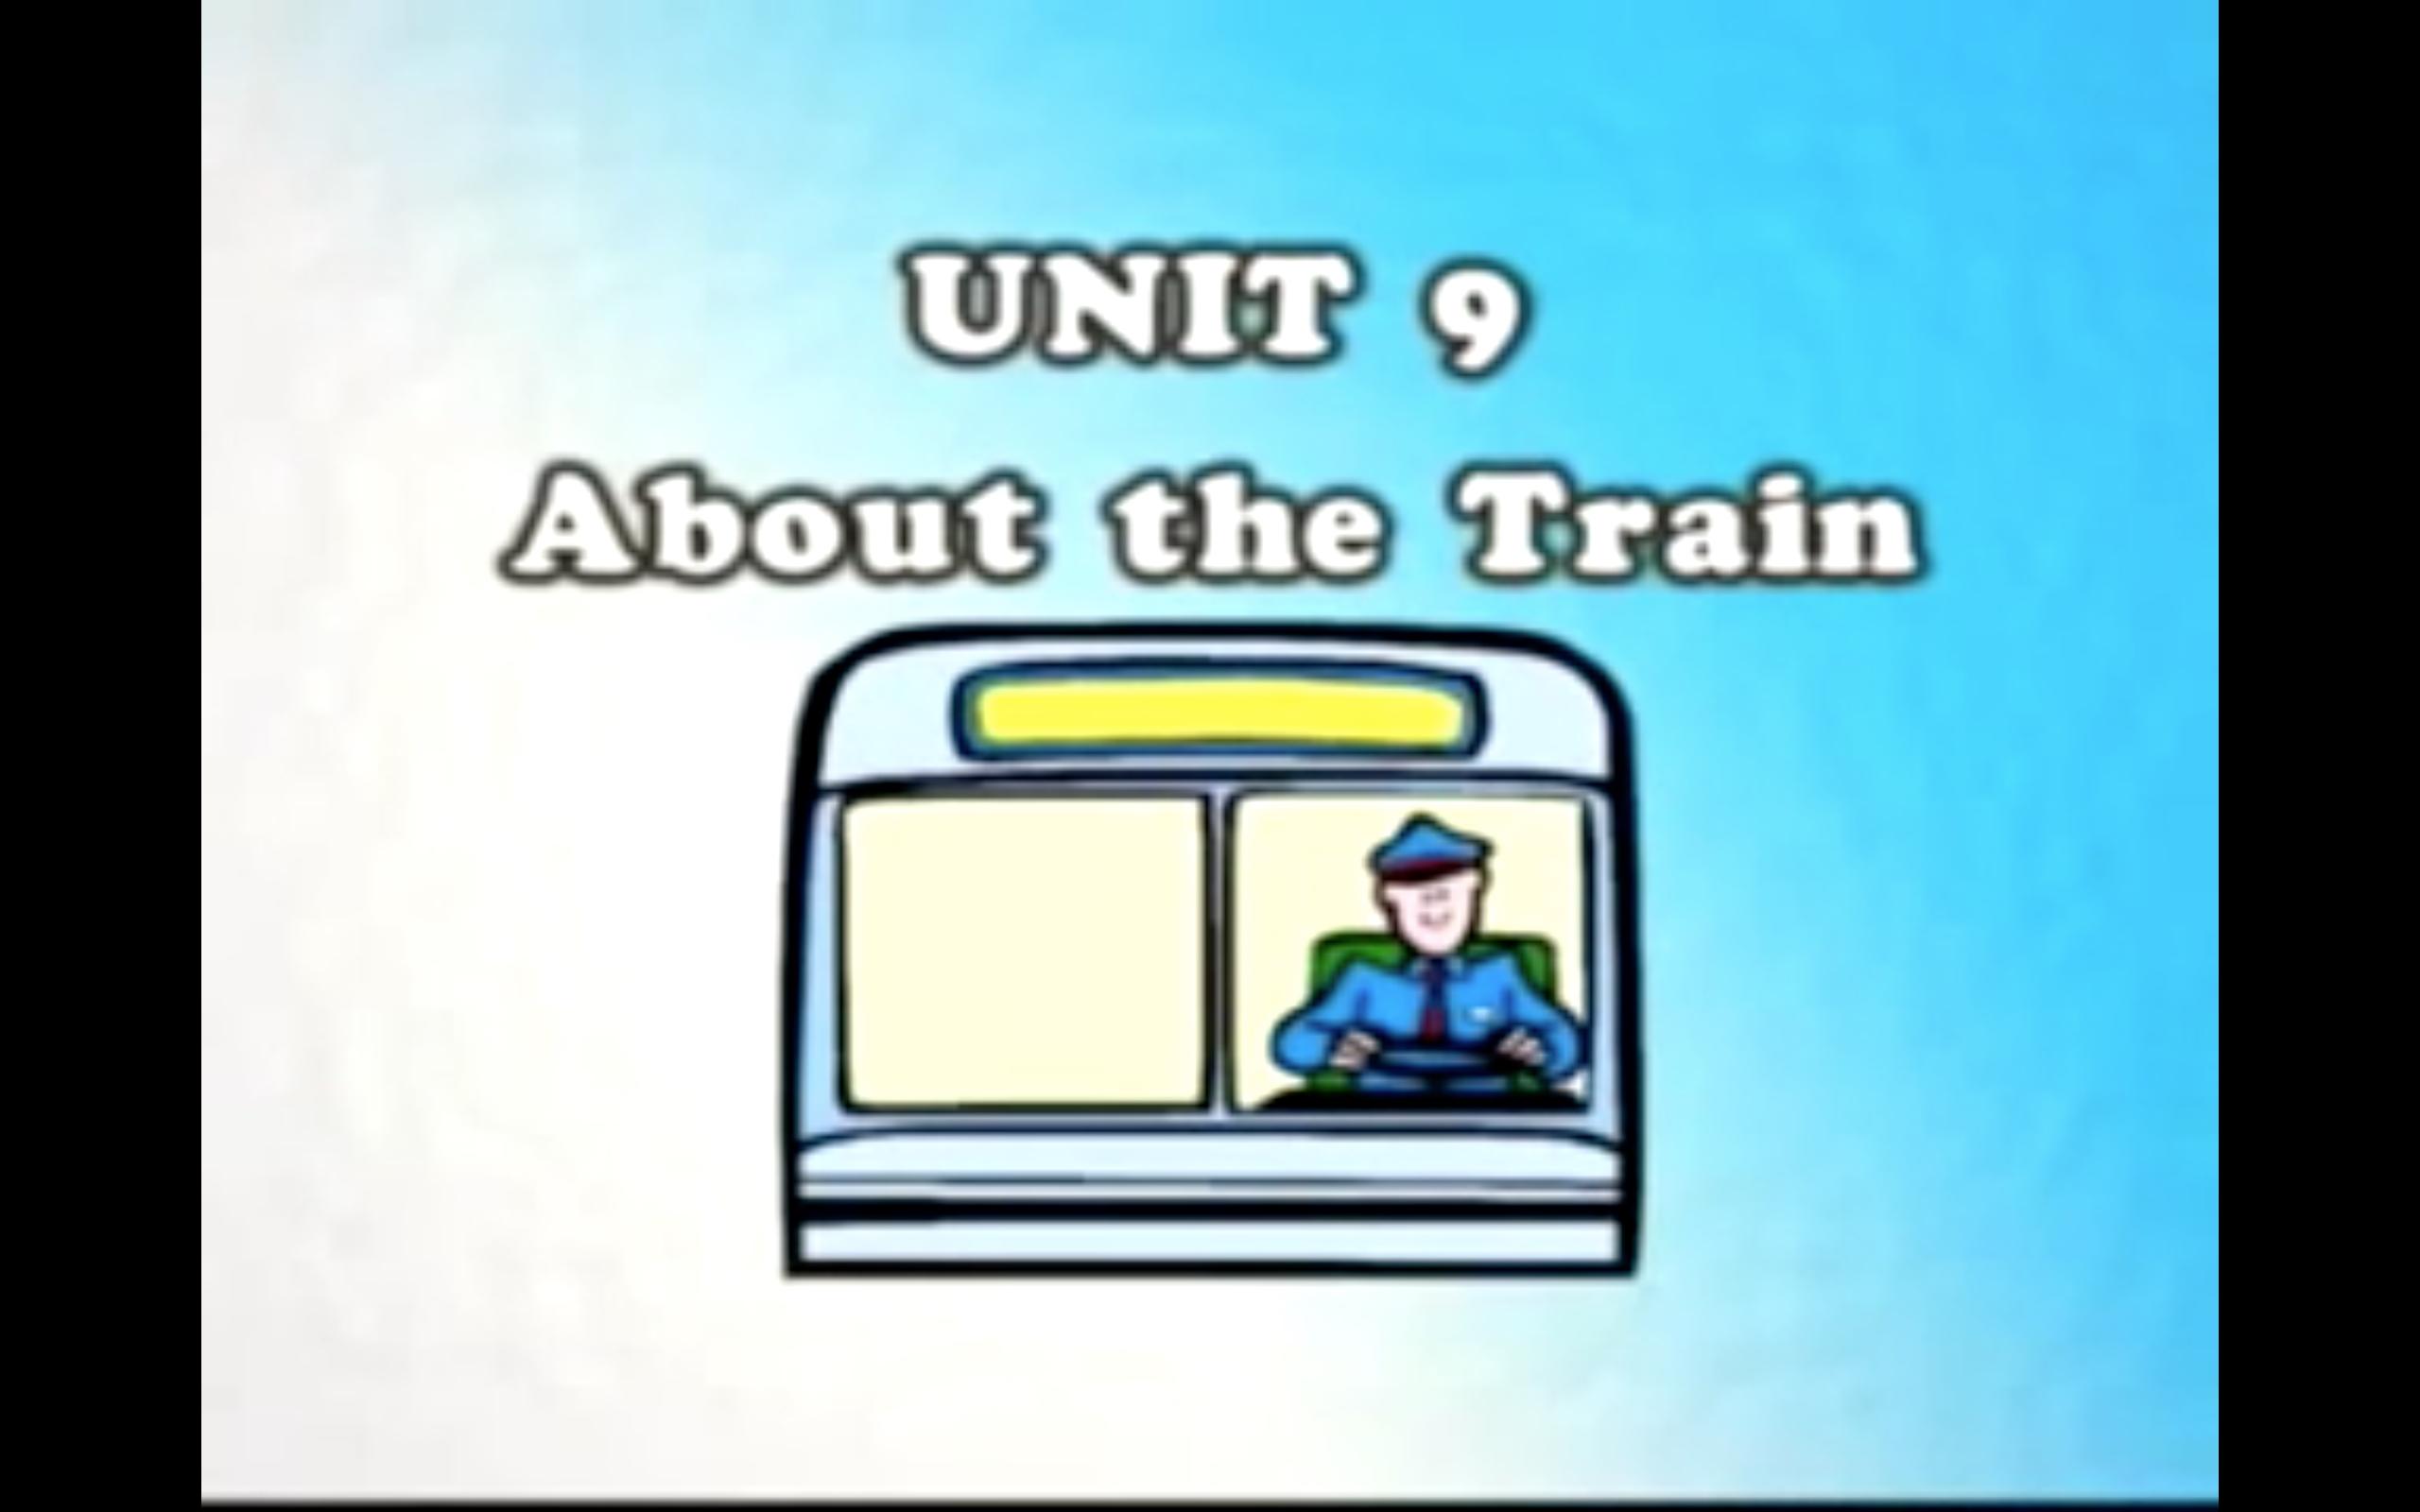 [Giao tiếp cơ bản] Bài 9: Về Chiếc Tàu - Unit 9: About The Train